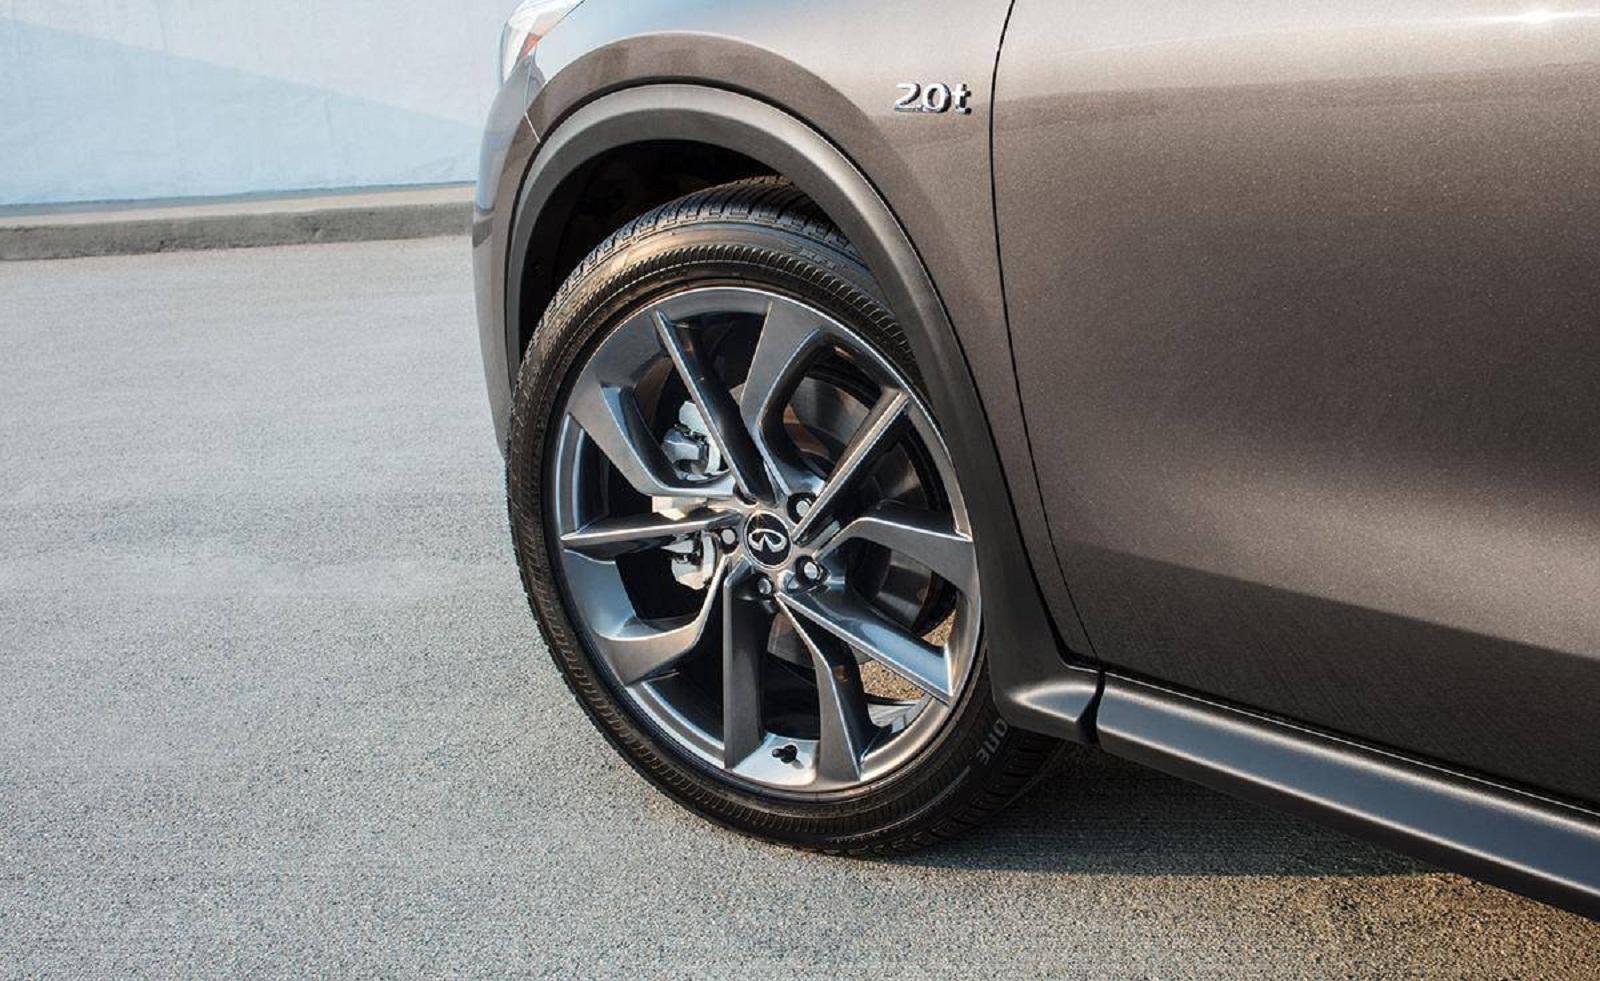 Lốp xe ô tô dự phòng nhỏ hơn lốp chính, vì sao? Ảnh 2